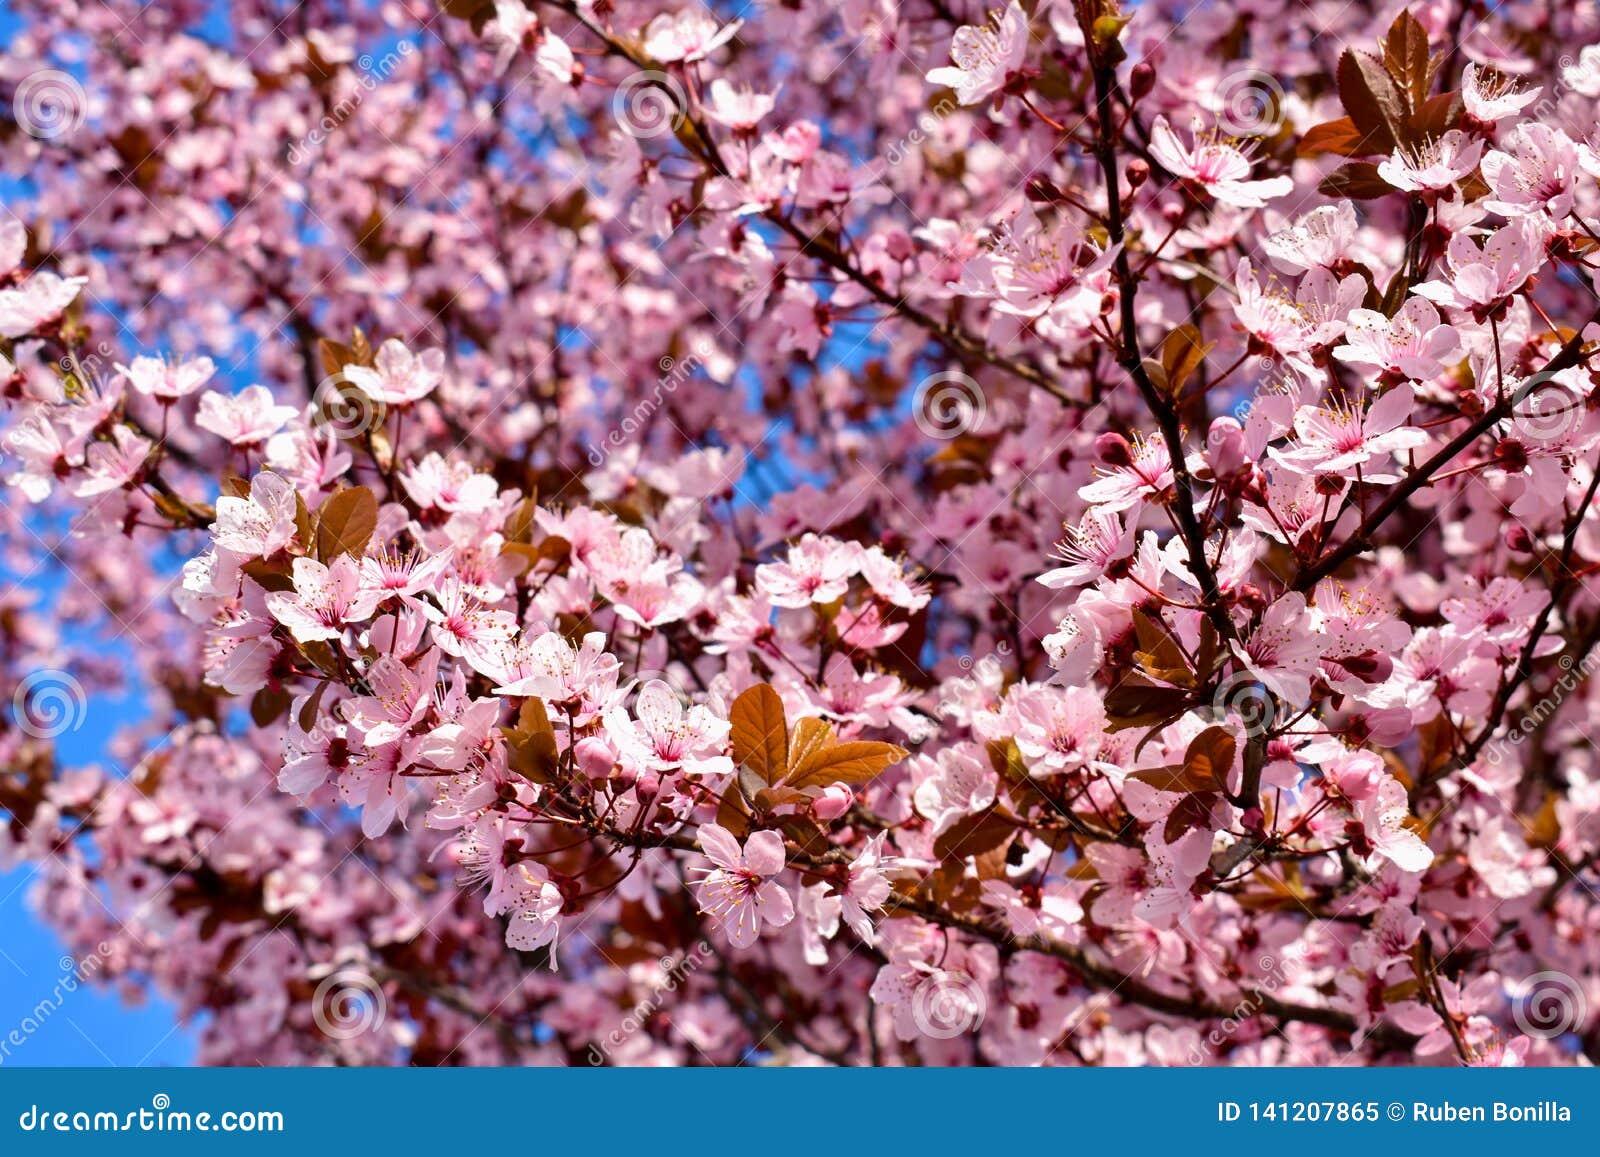 Flor do cerasus da cereja, do Prunus com flores cor-de-rosa e algumas folhas vermelhas, árvore de Cerasifera Pissardii do Prunus